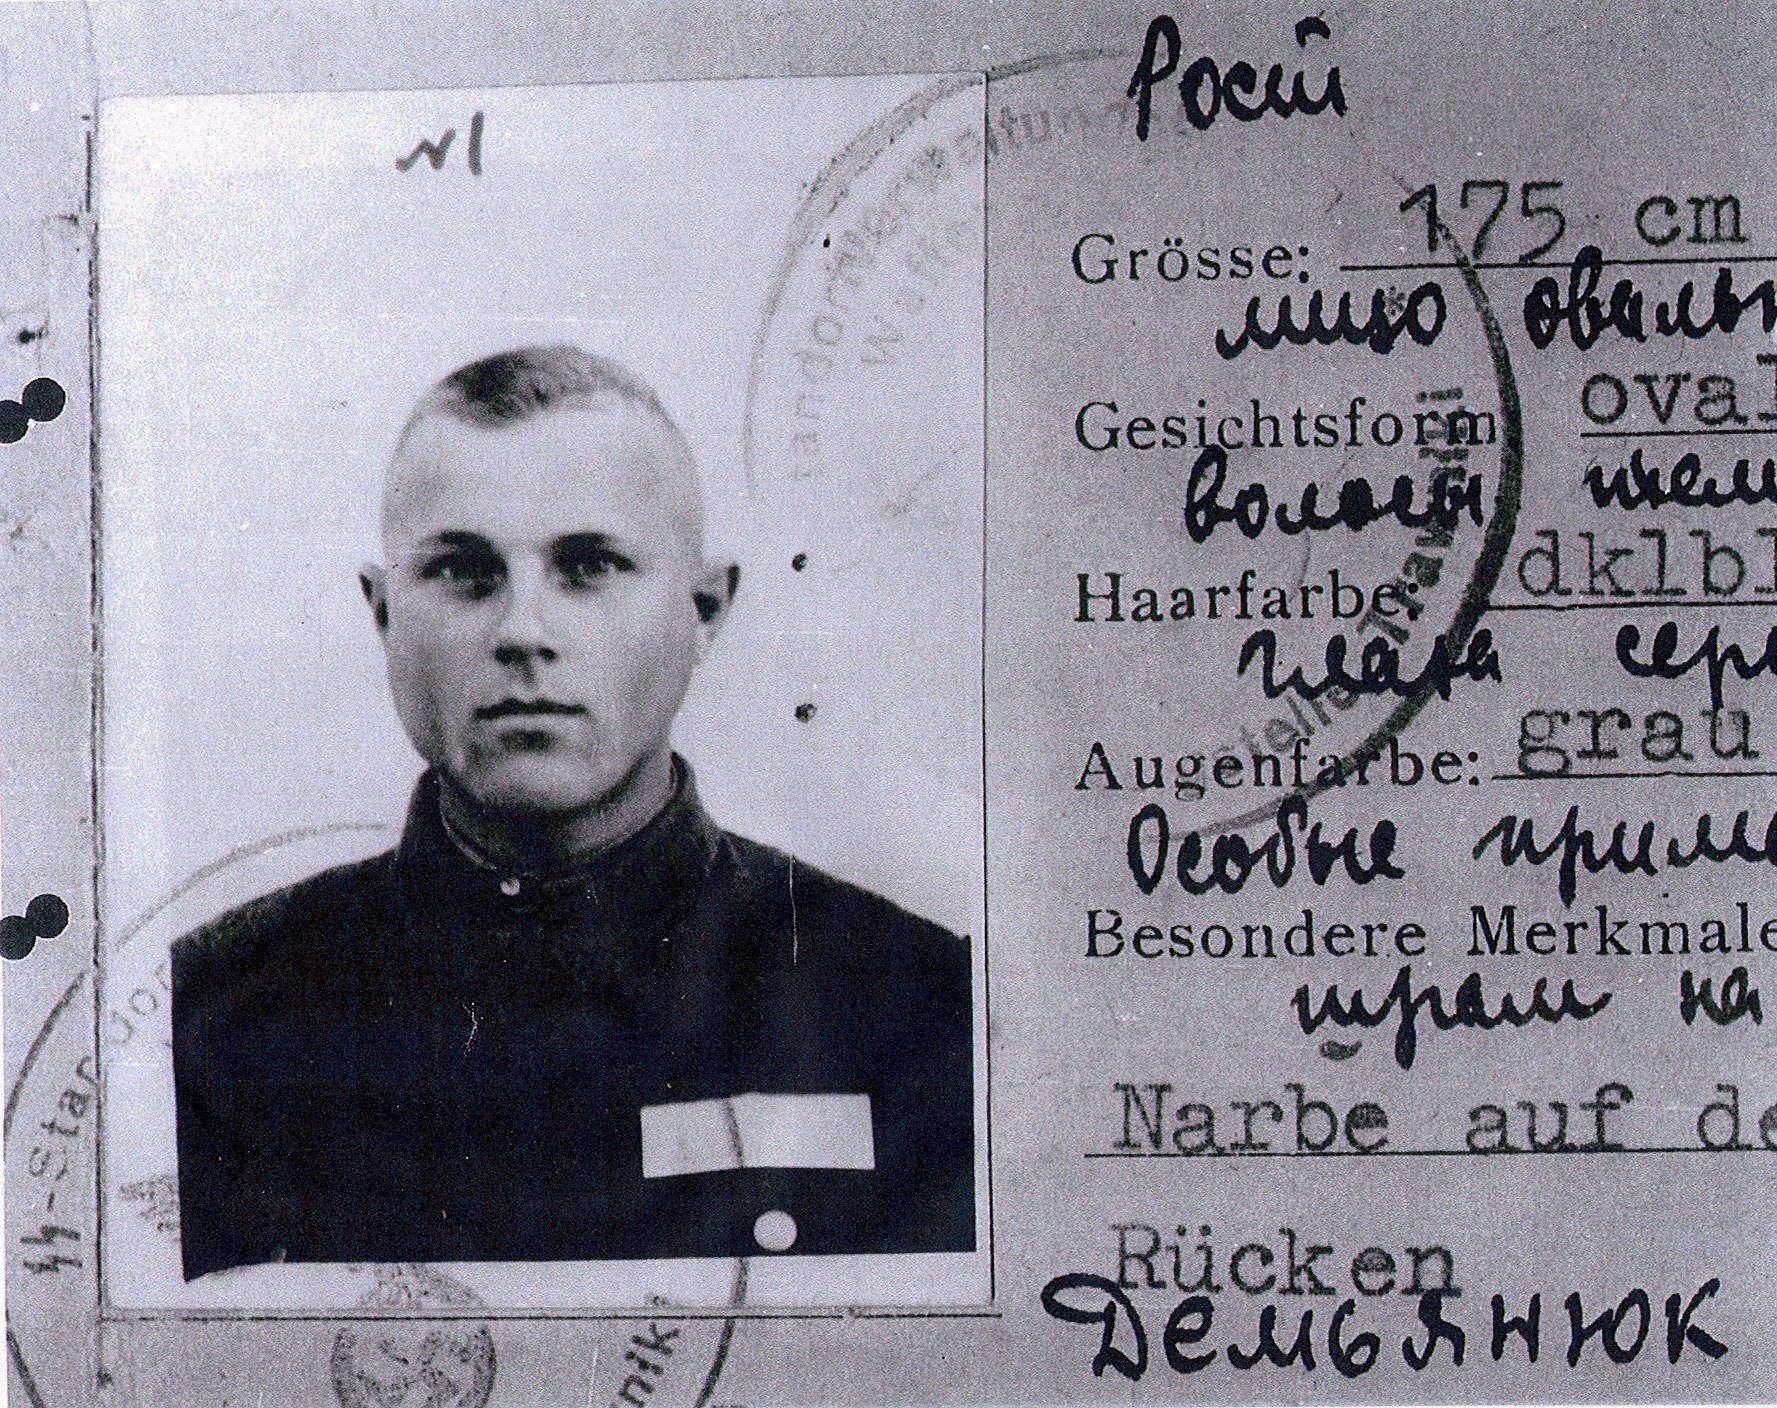 La carta d'identità di Ivan Demjanjuk